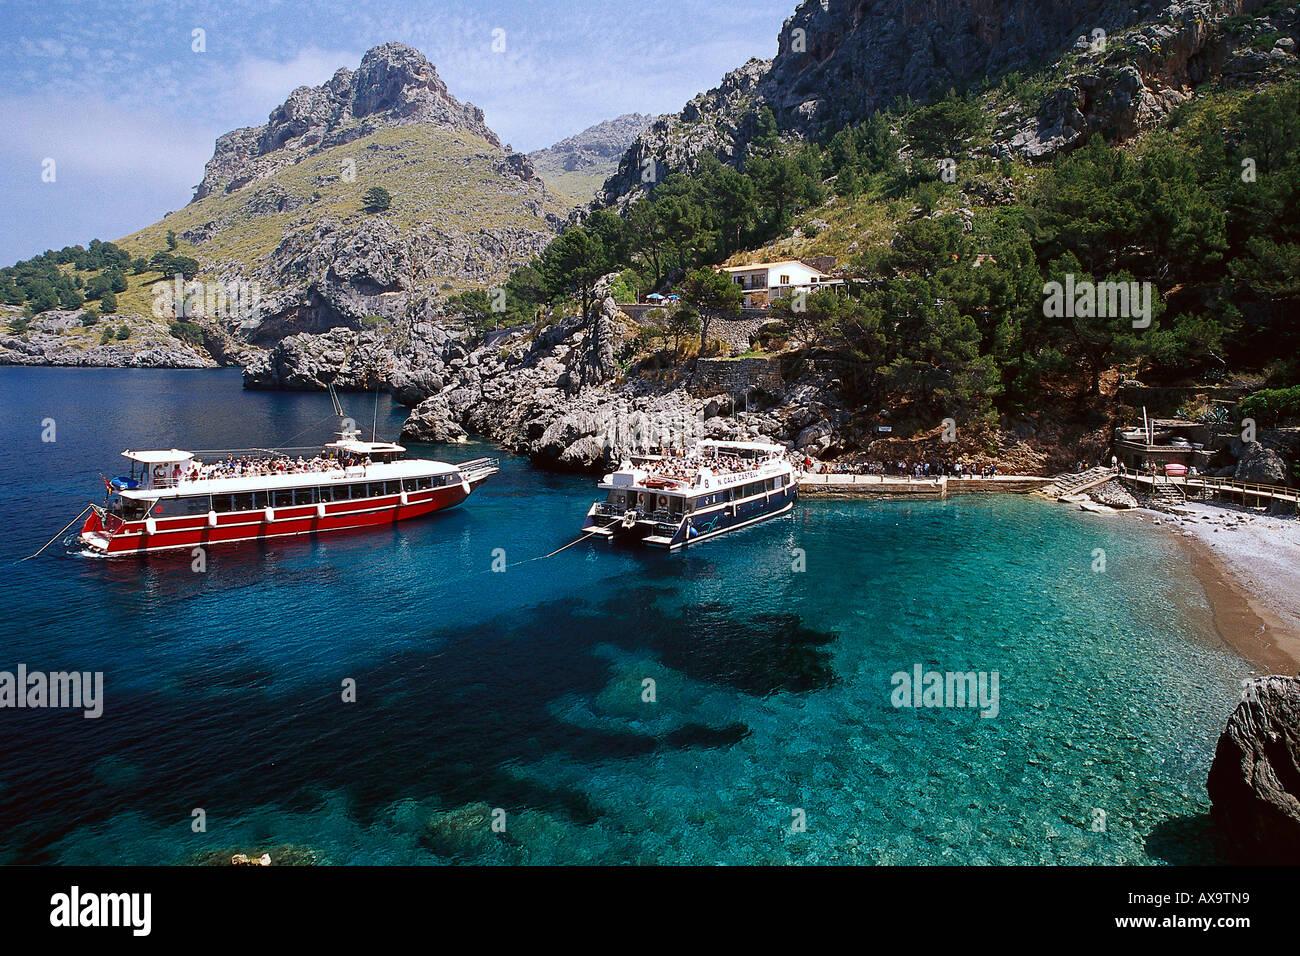 Boat Trip, Torrent de Pareis, Cala de Sa Calobra Majorca, Spain - Stock Image